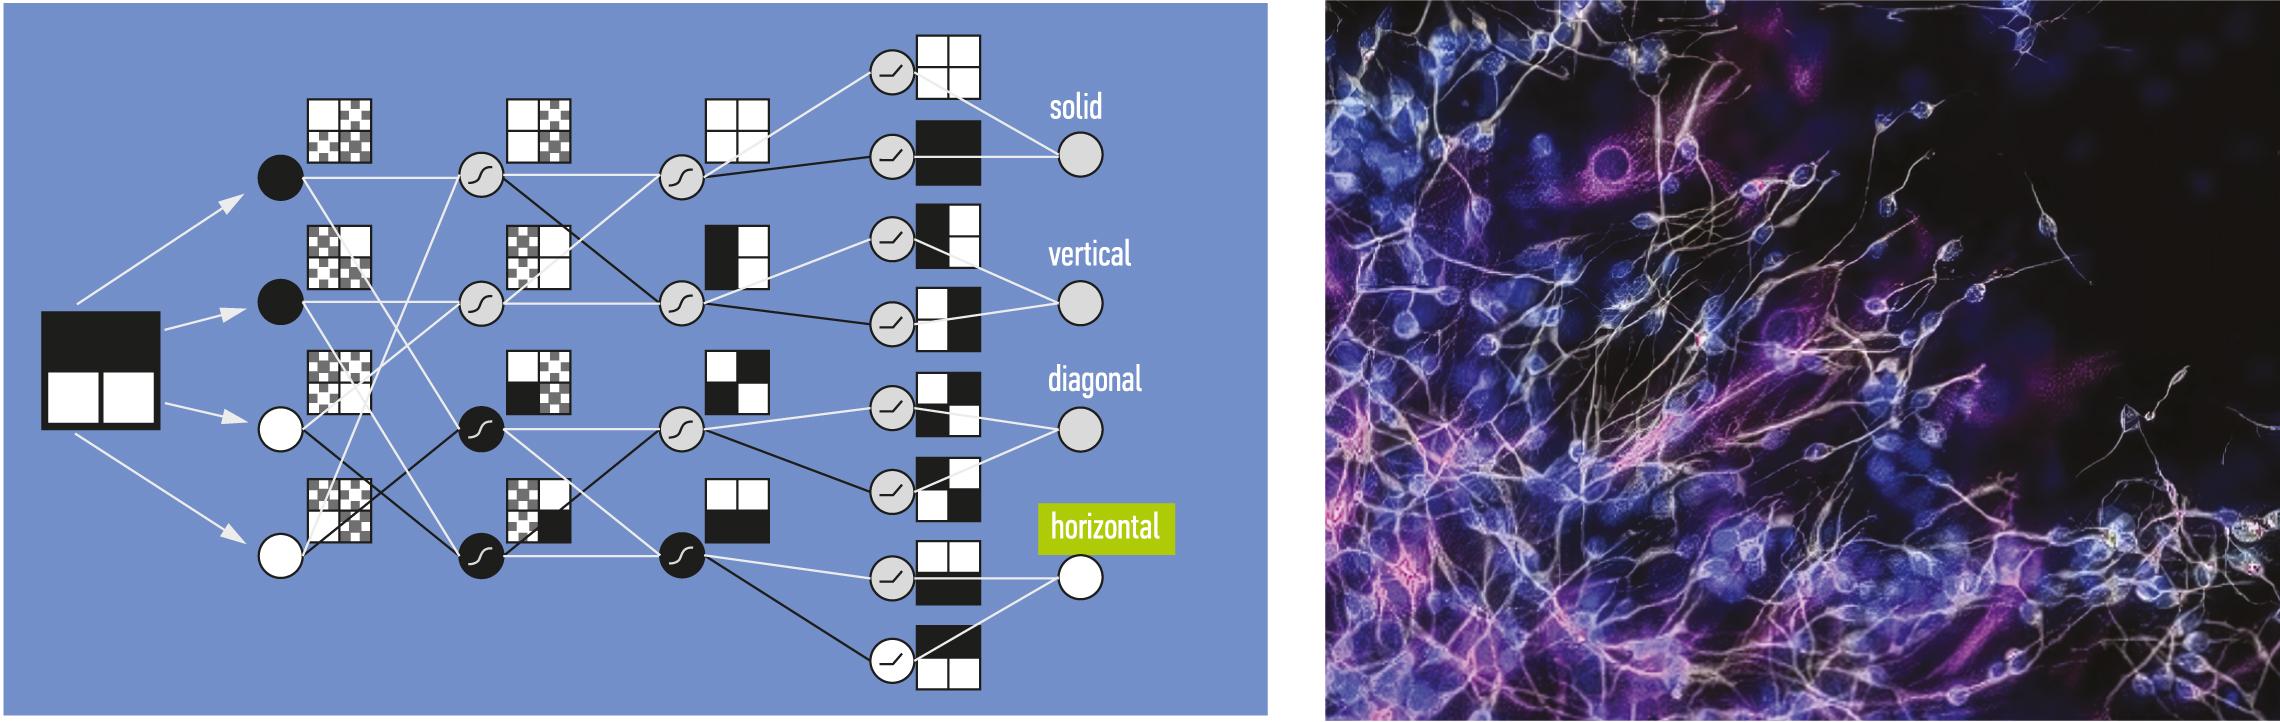 Организация нейронной сети и нейроны человеческого мозга